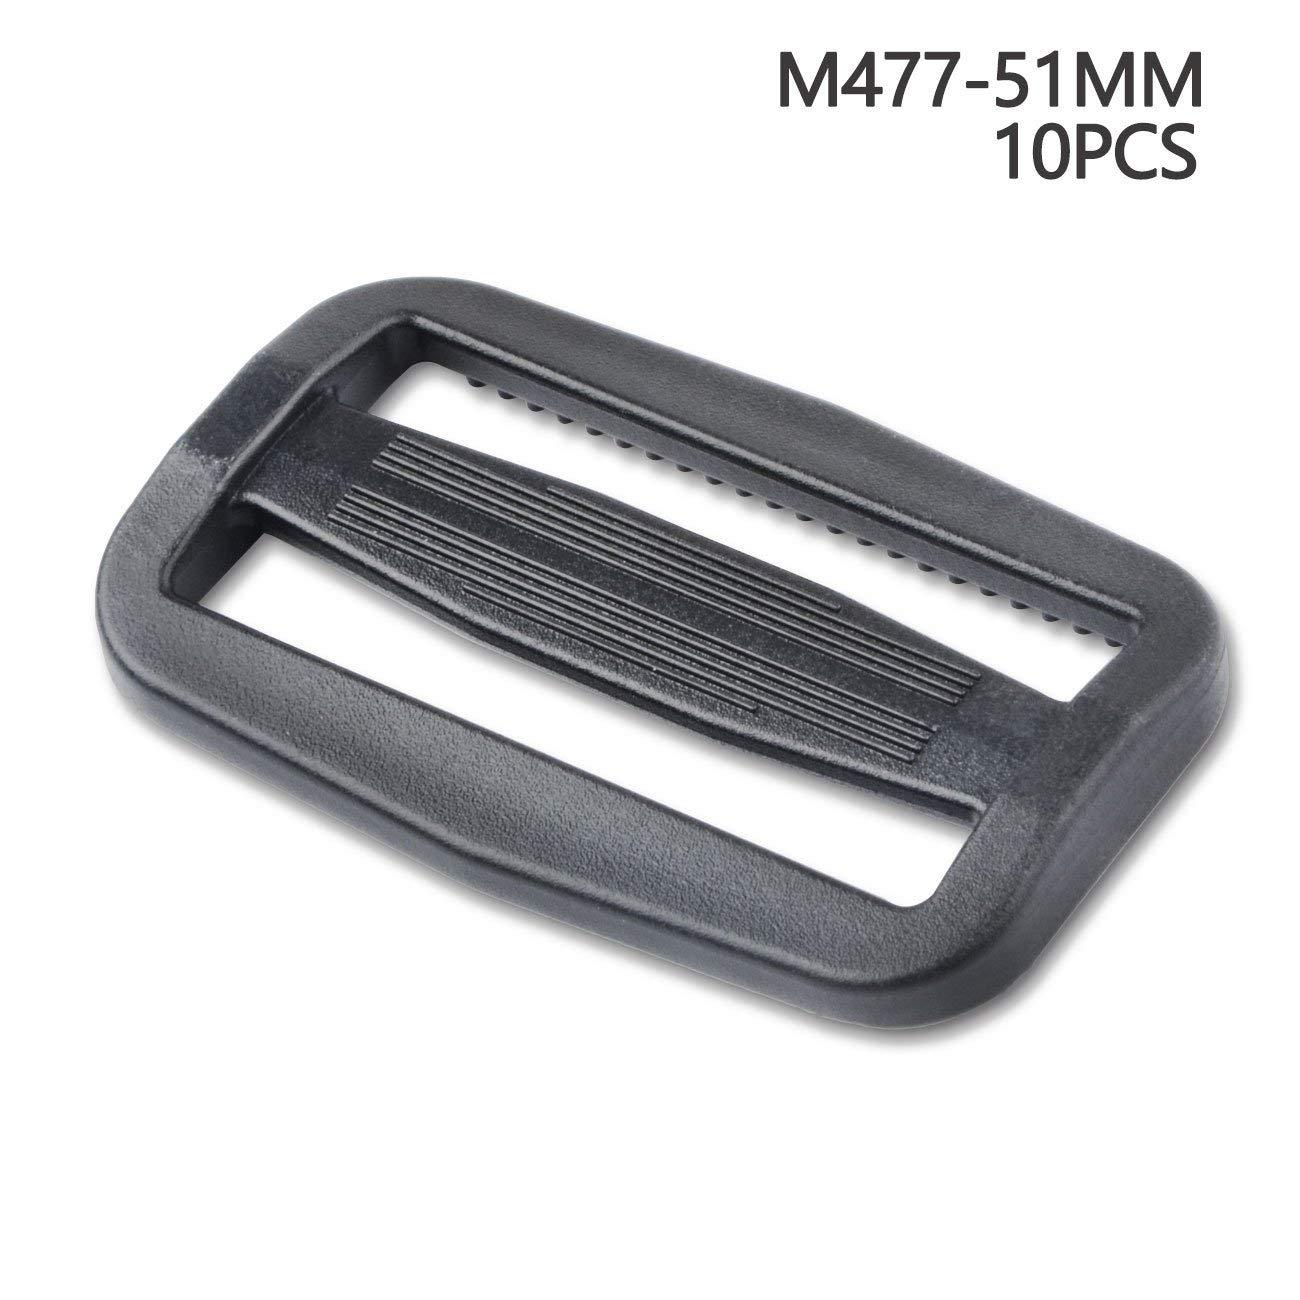 Multi-Size Straps Webbing Slide Triglides Slide Plastic Slide Buckle for Backpack Bag (32 mm,Black)